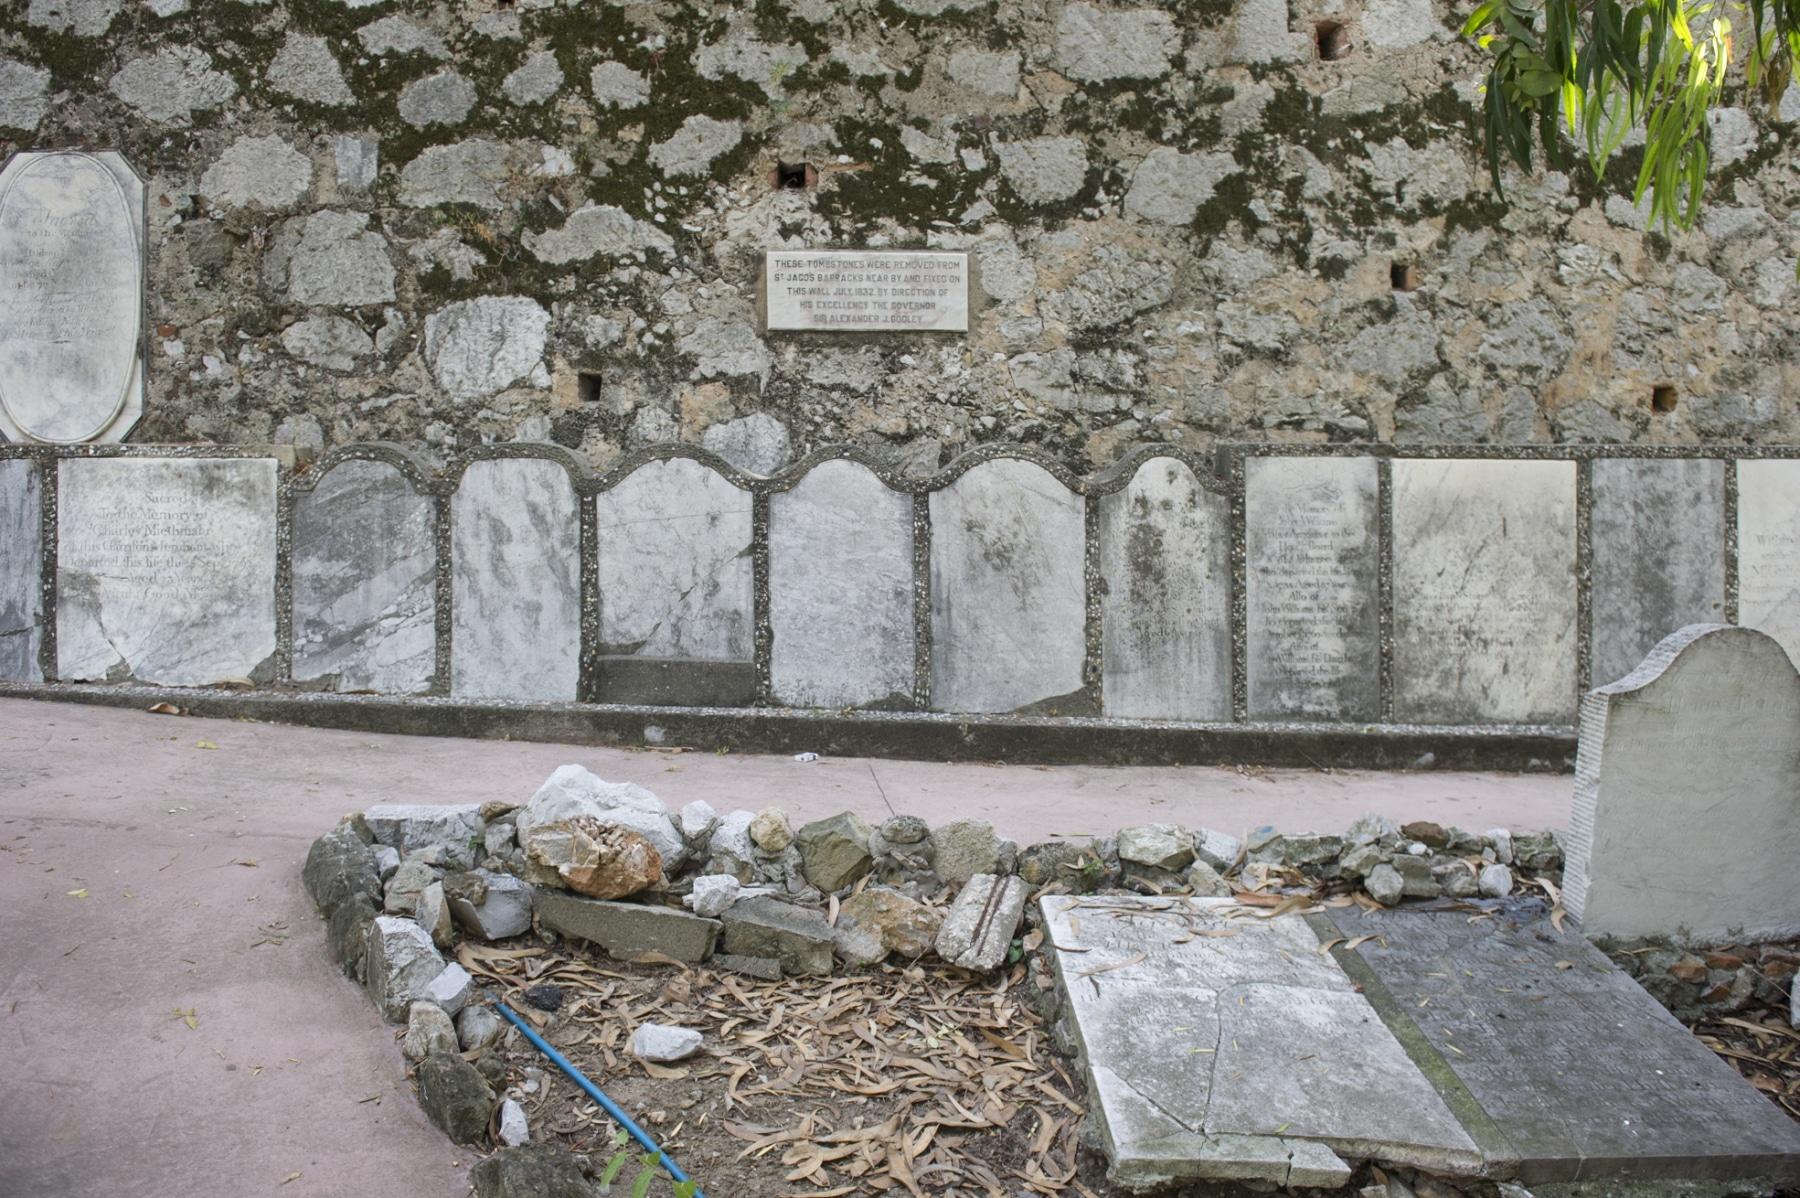 cementerio-de-trafalgar-gibraltar_22718570896_o